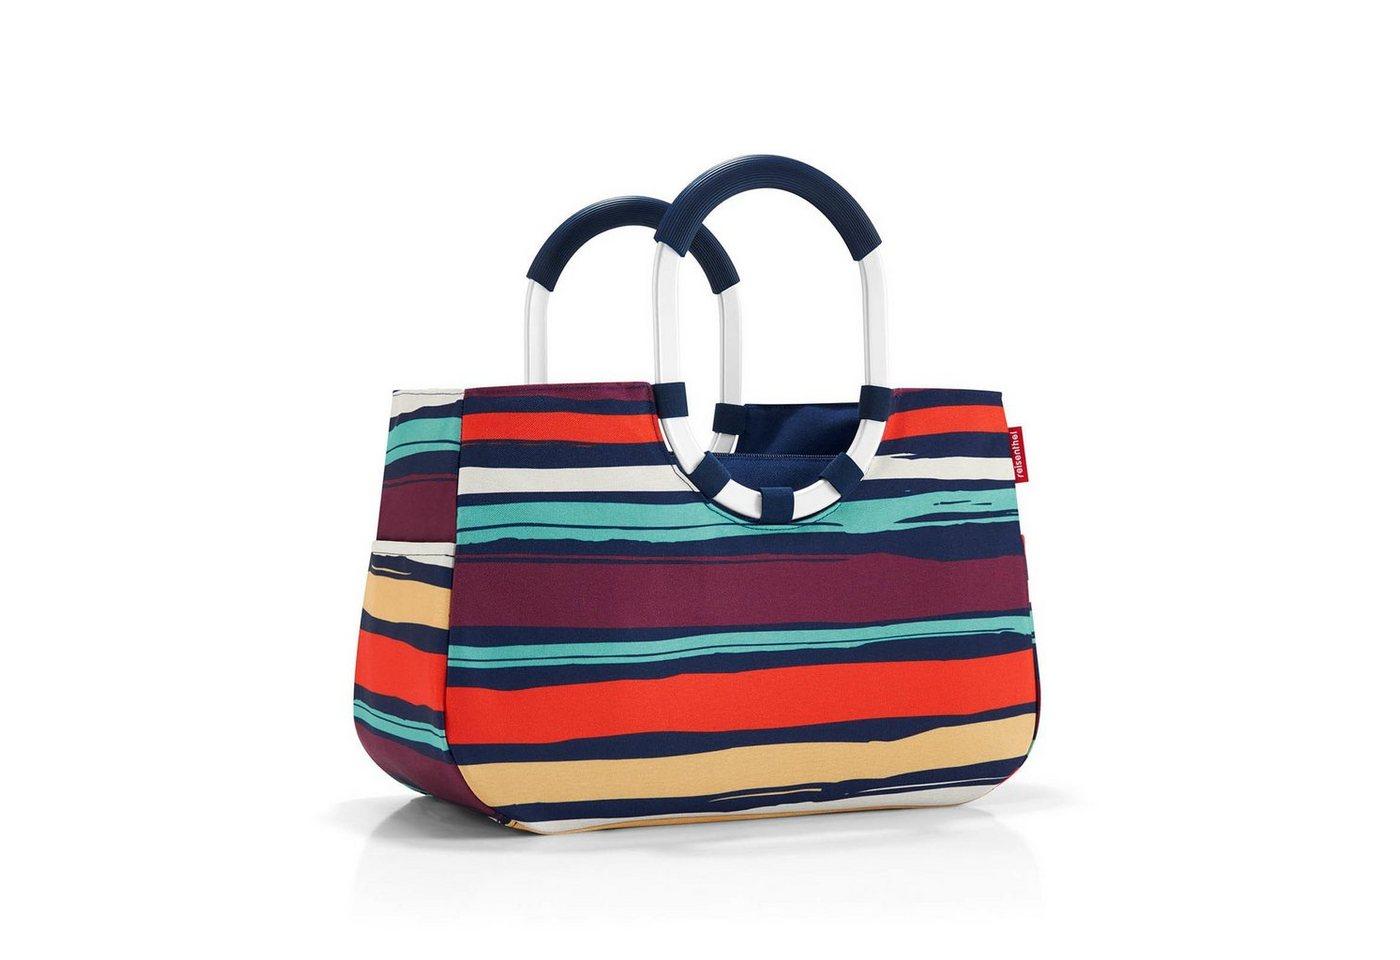 REISENTHEL® Einkaufstasche »loopshopper M« | Taschen > Handtaschen > Einkaufstasche | REISENTHEL®